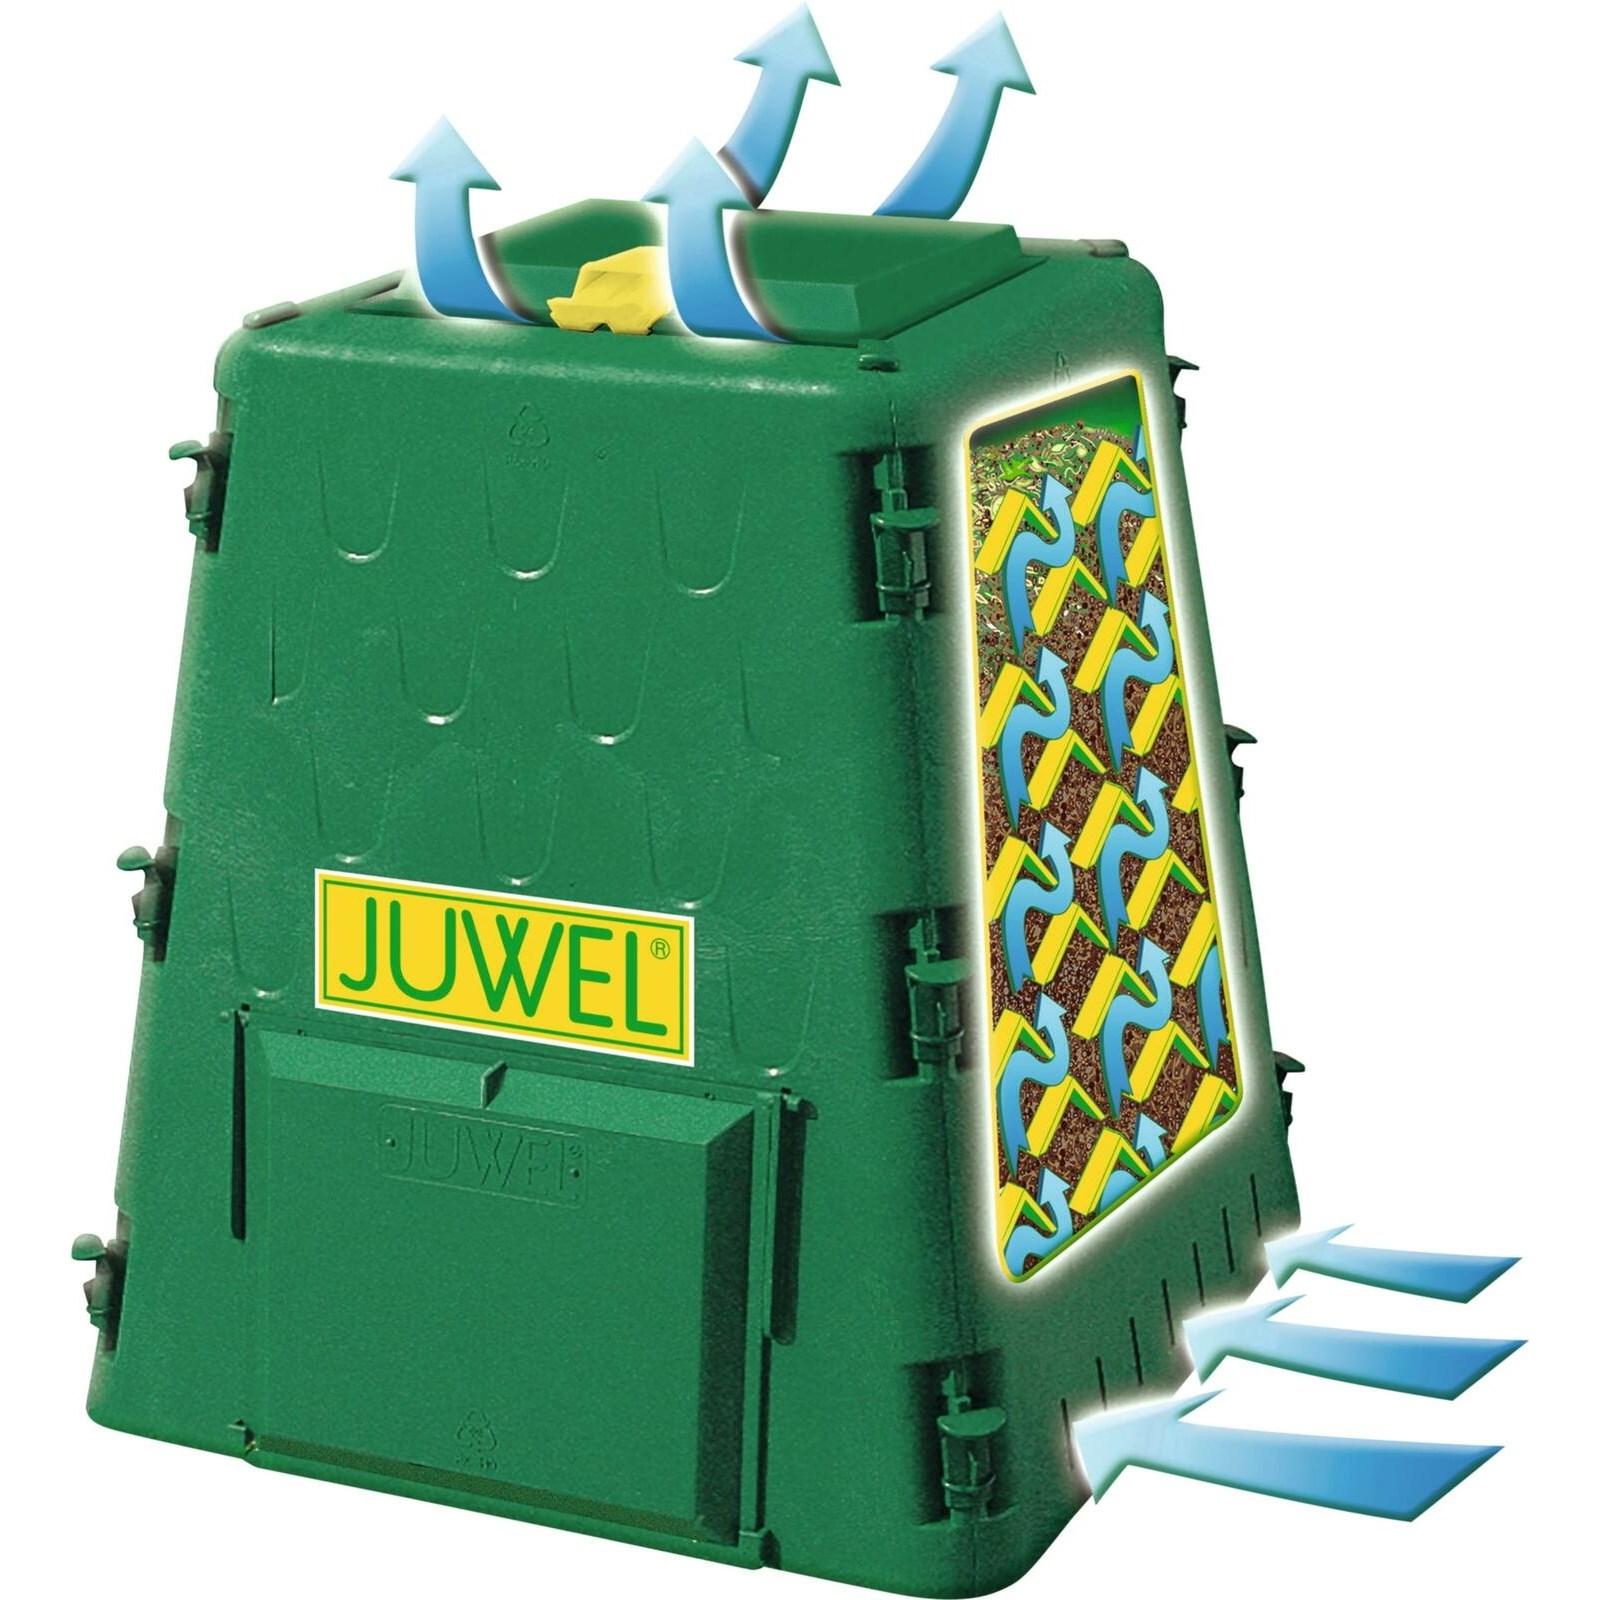 thermo-komposter recycling 290 l - kompostieren - landi